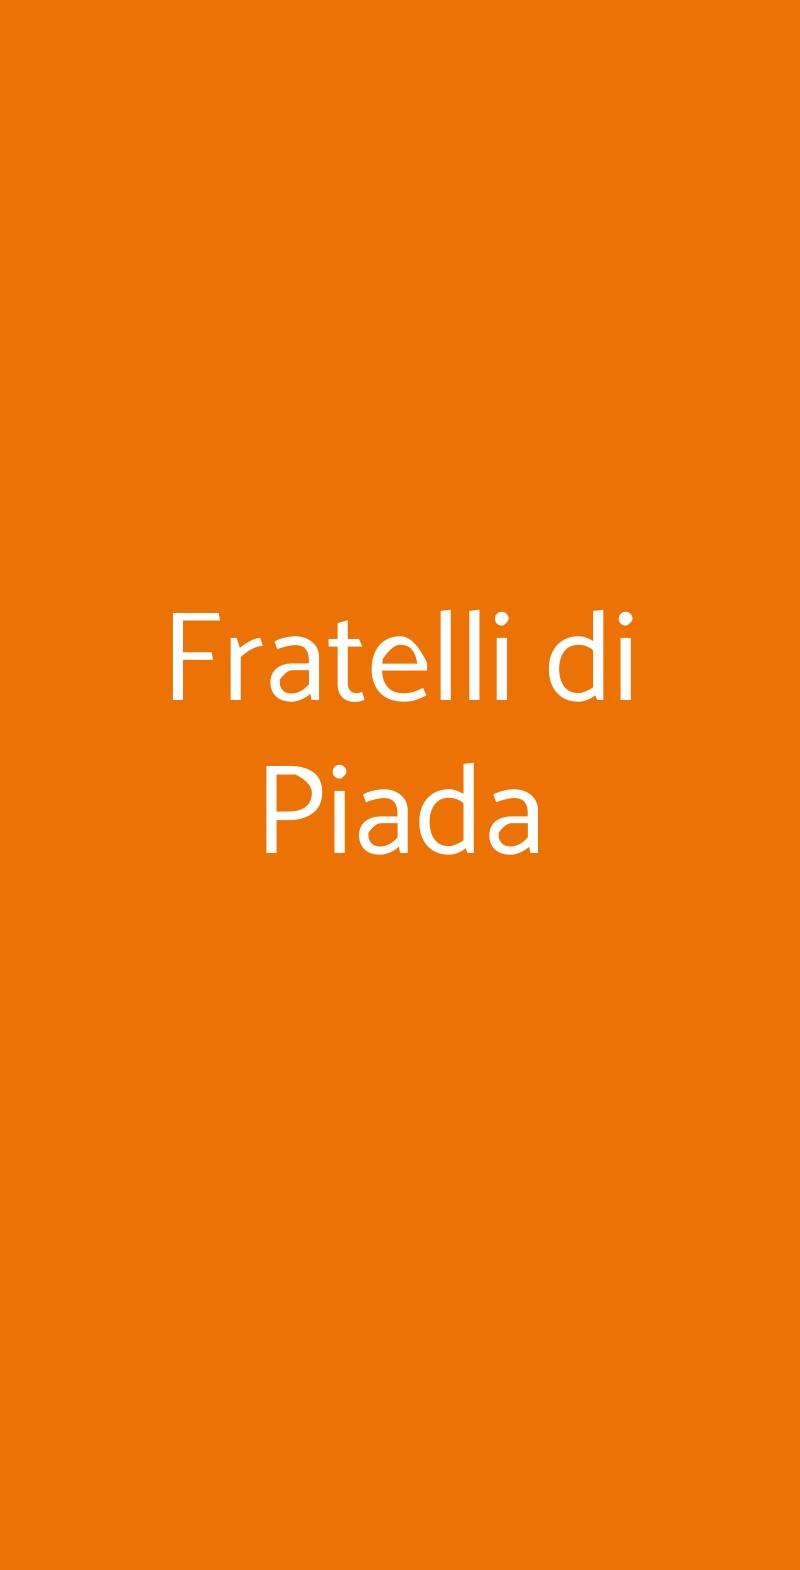 Fratelli di Piada Torino menù 1 pagina